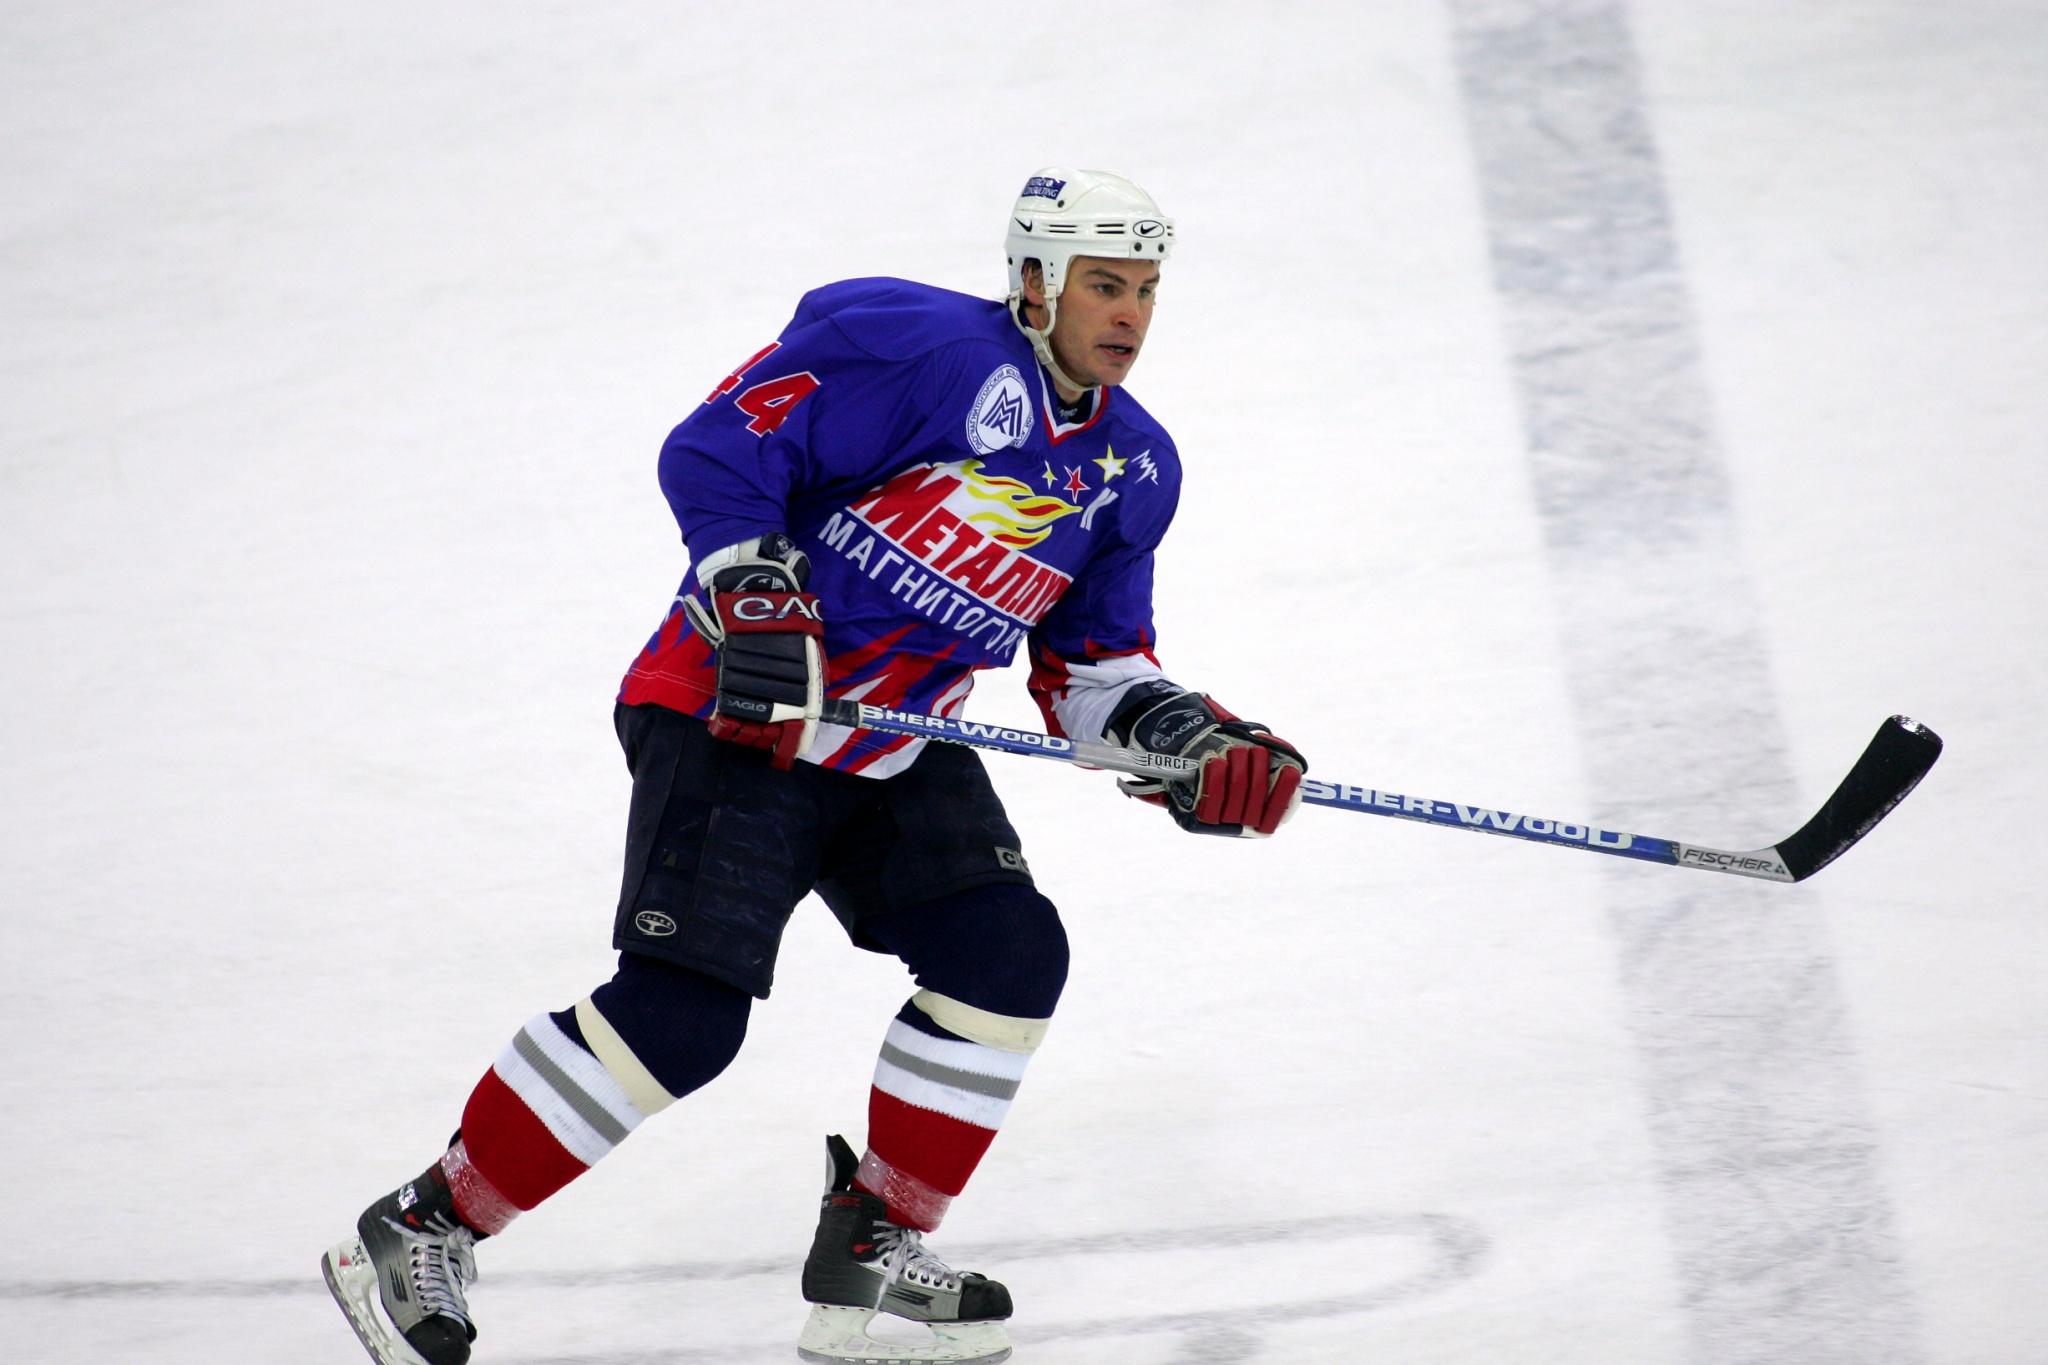 Валерий Карпов. Фото: Владимир Беззубов